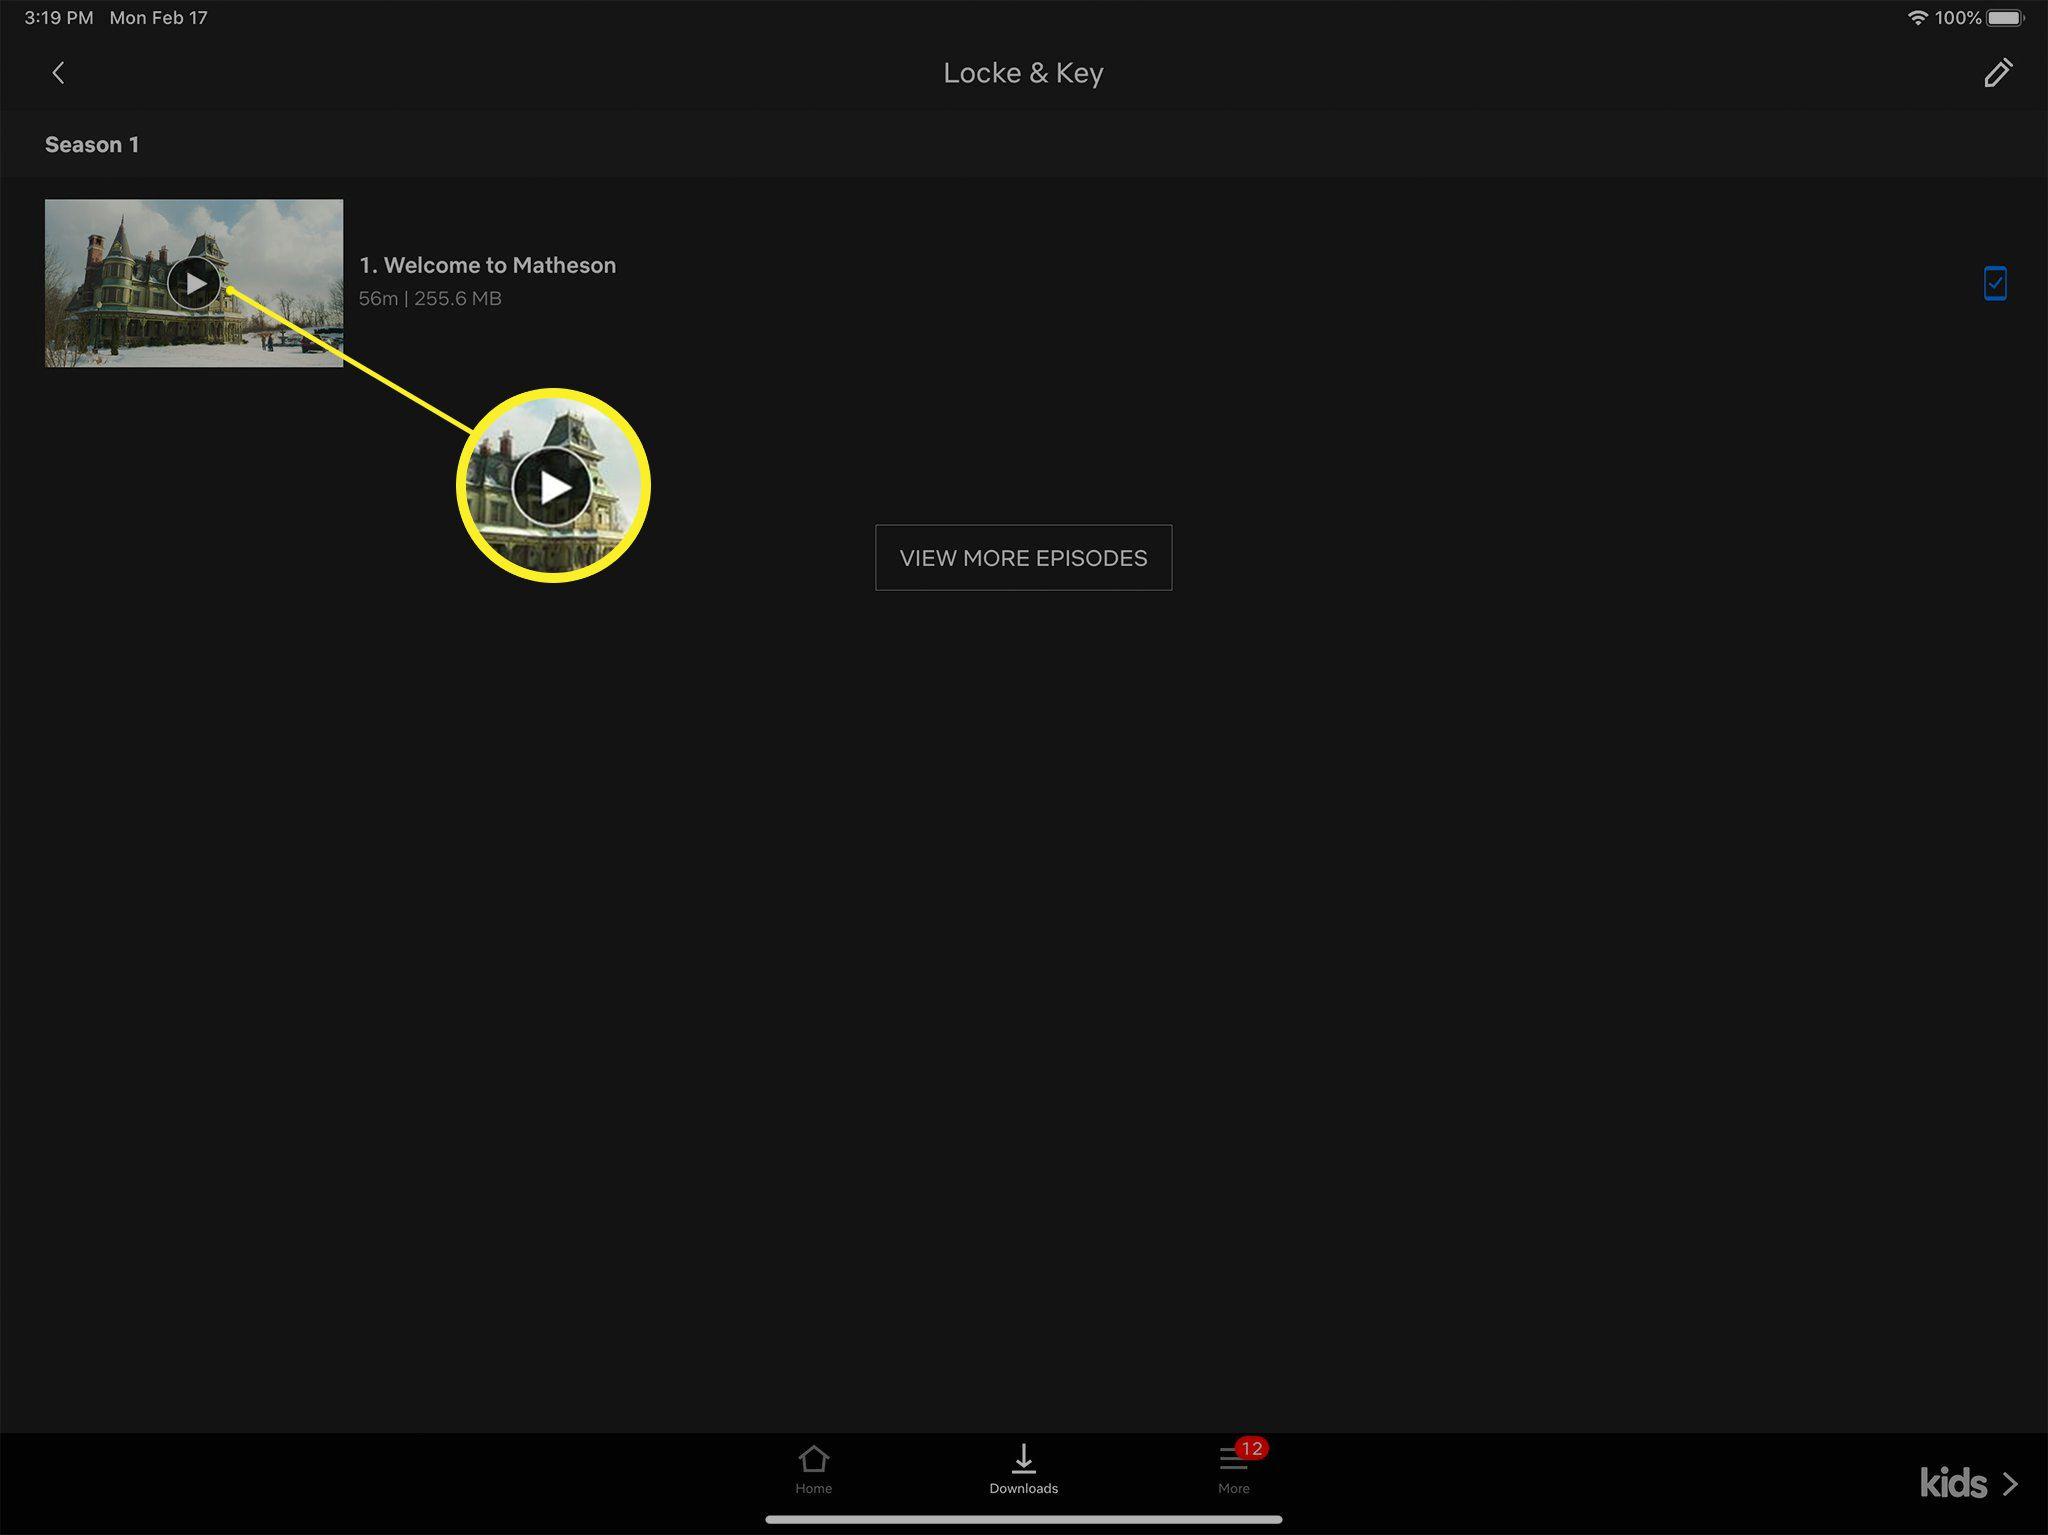 Netflix play button